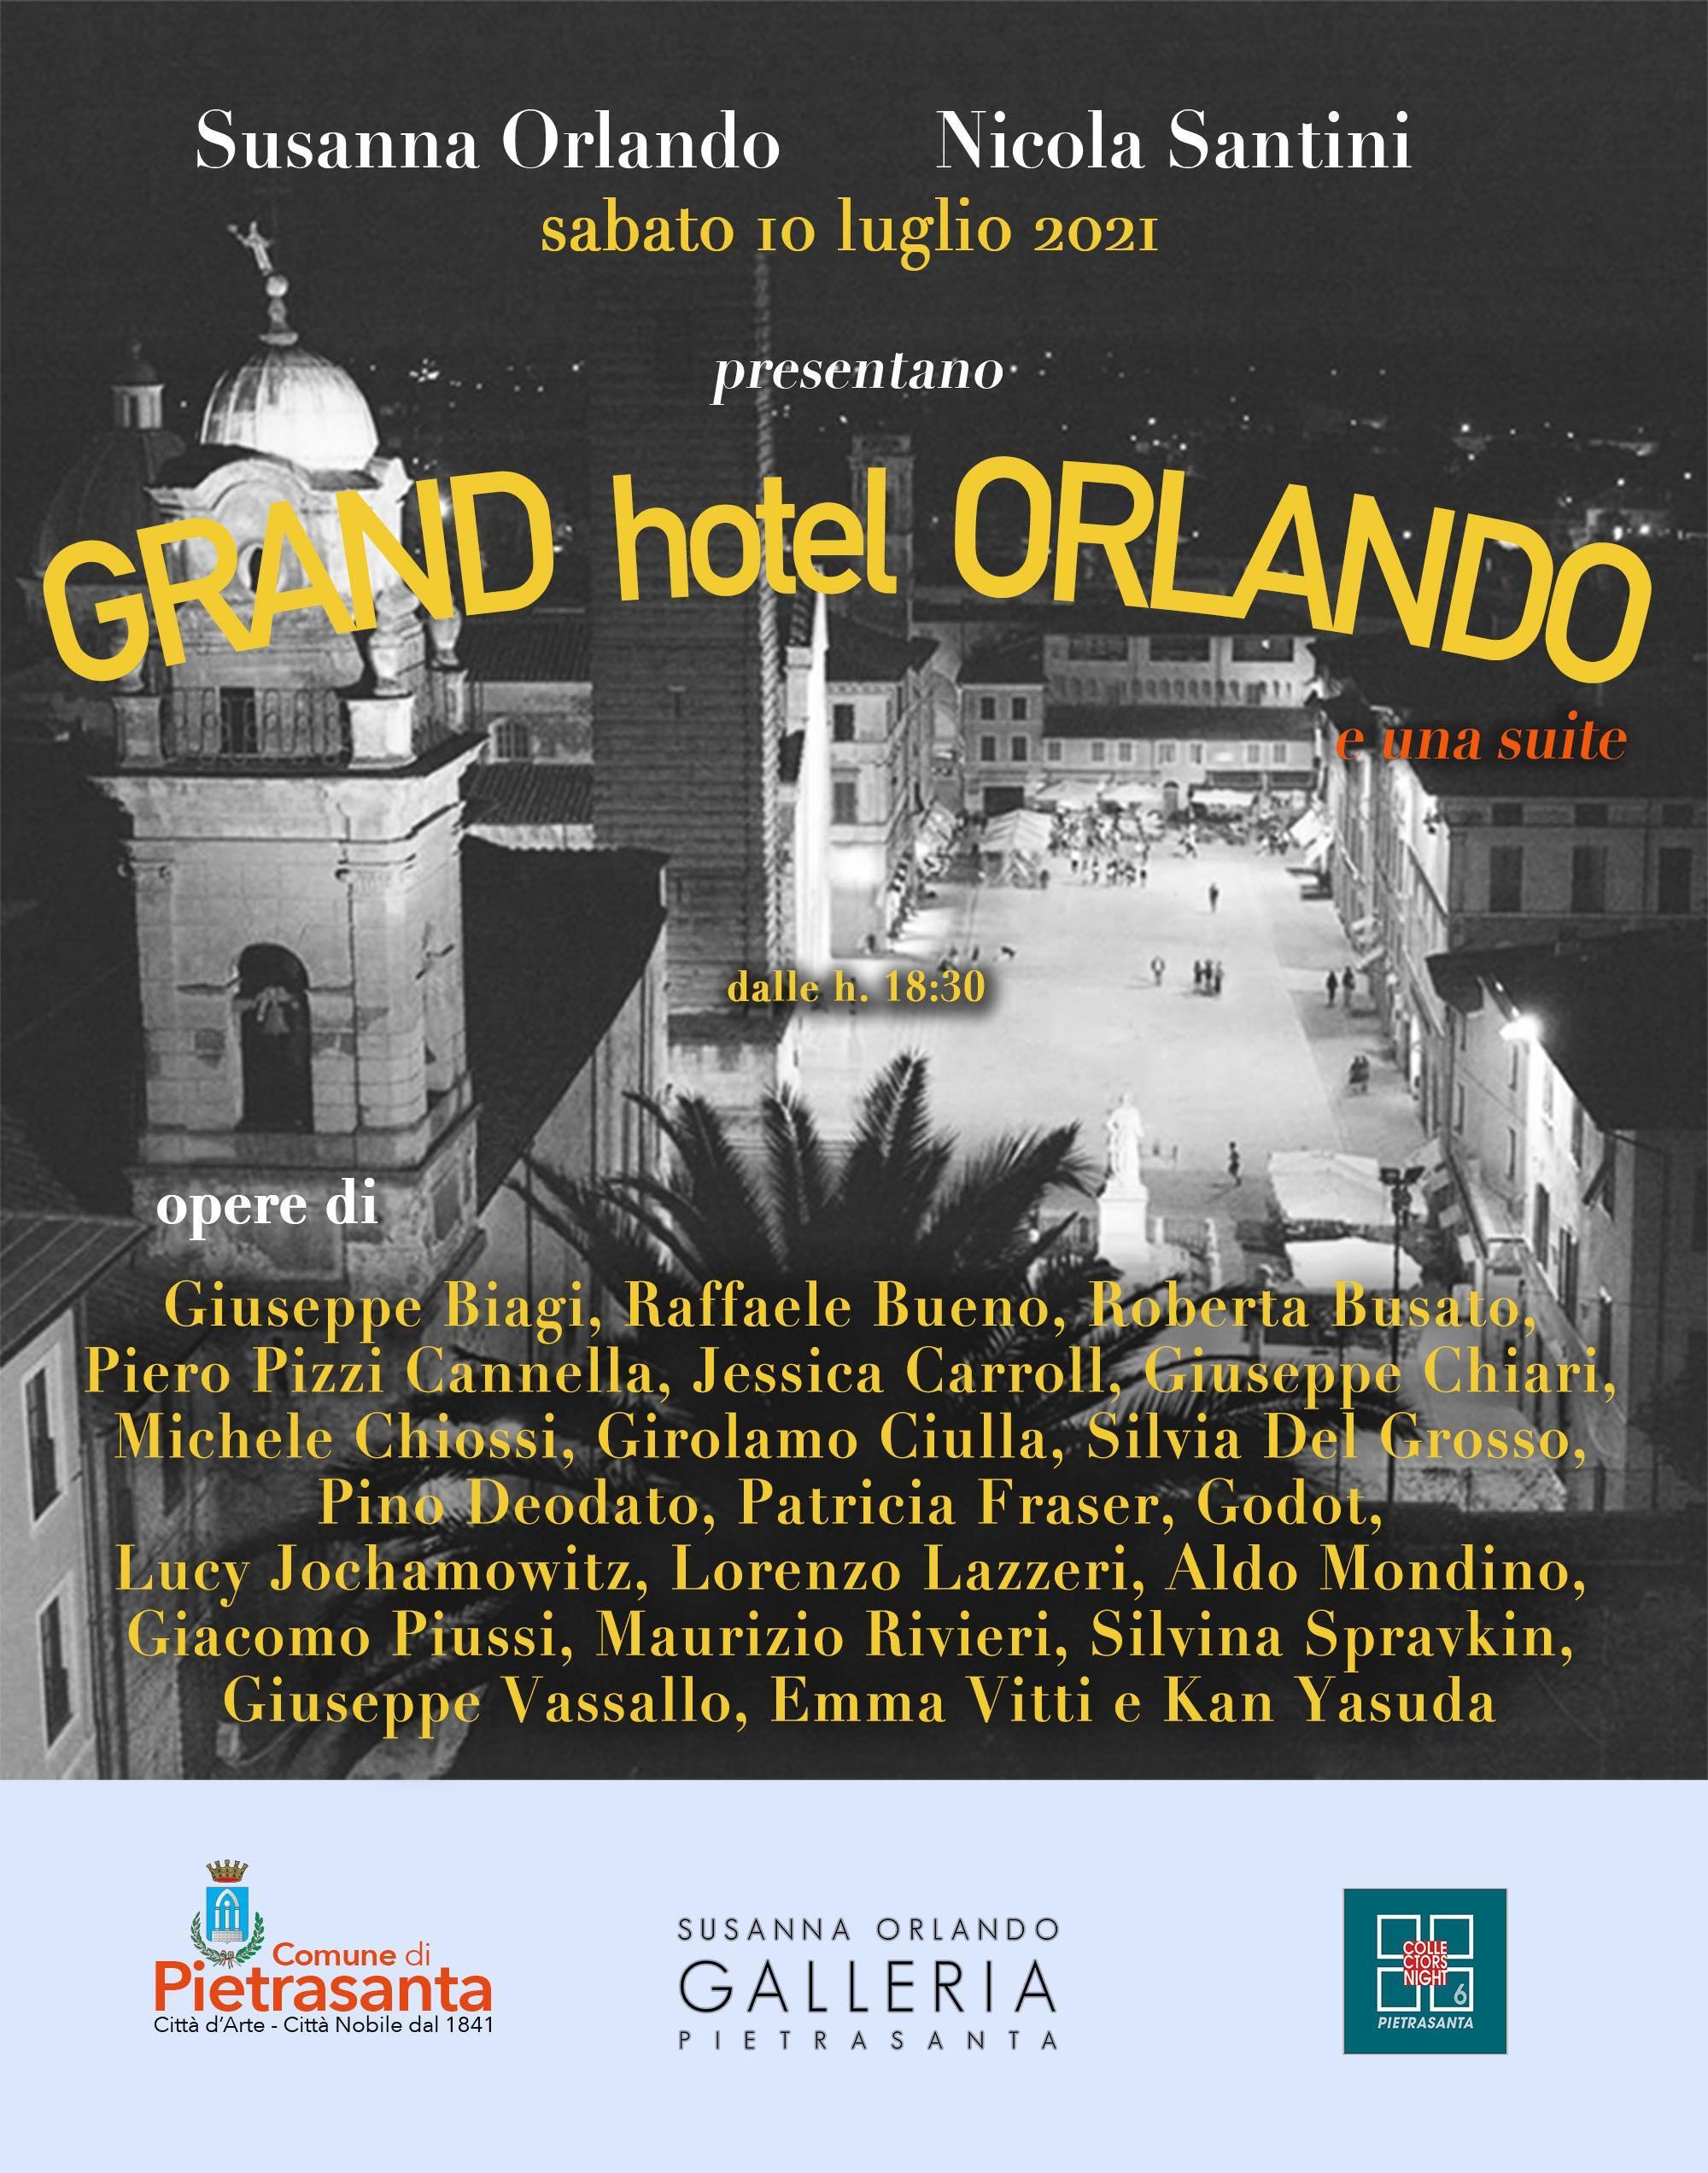 GRAND hotel ORLANDO e una suite